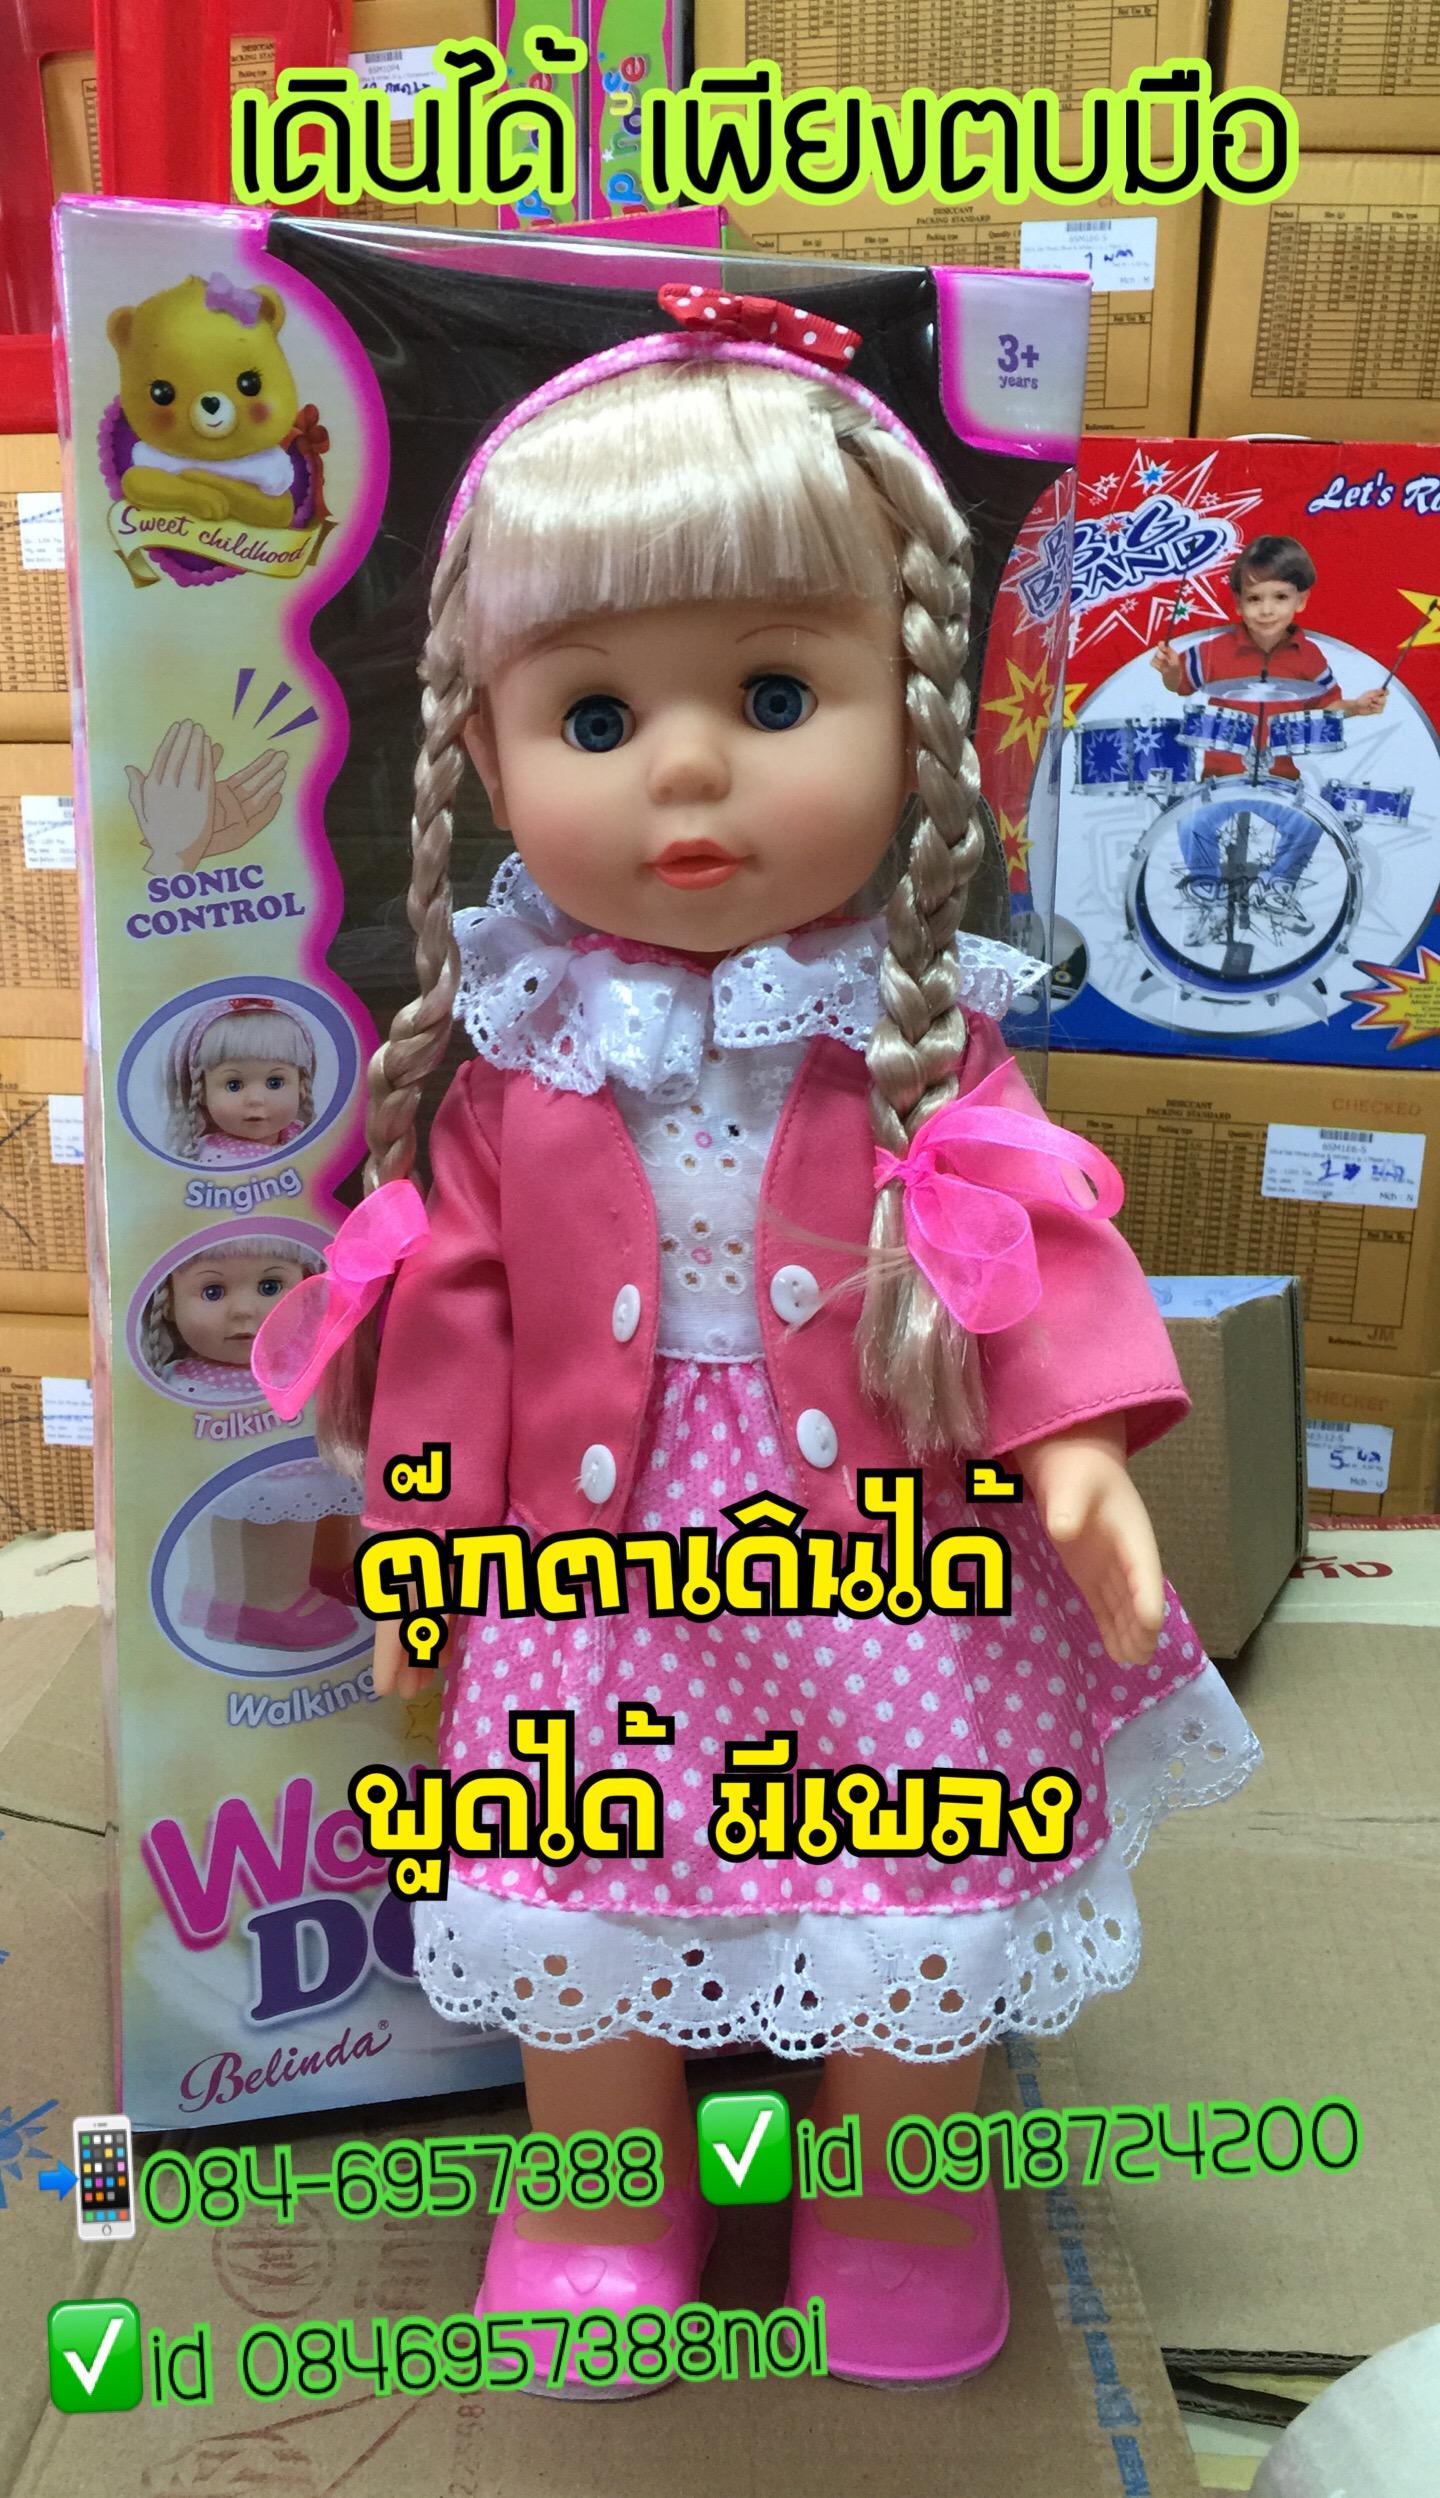 ตุ๊กตาเดินได้ตัวใหญ่พูดได้ร้องเพลงได้ เพียงตบมือน้องก็เดินได้แล้วน่ารักสุดๆ